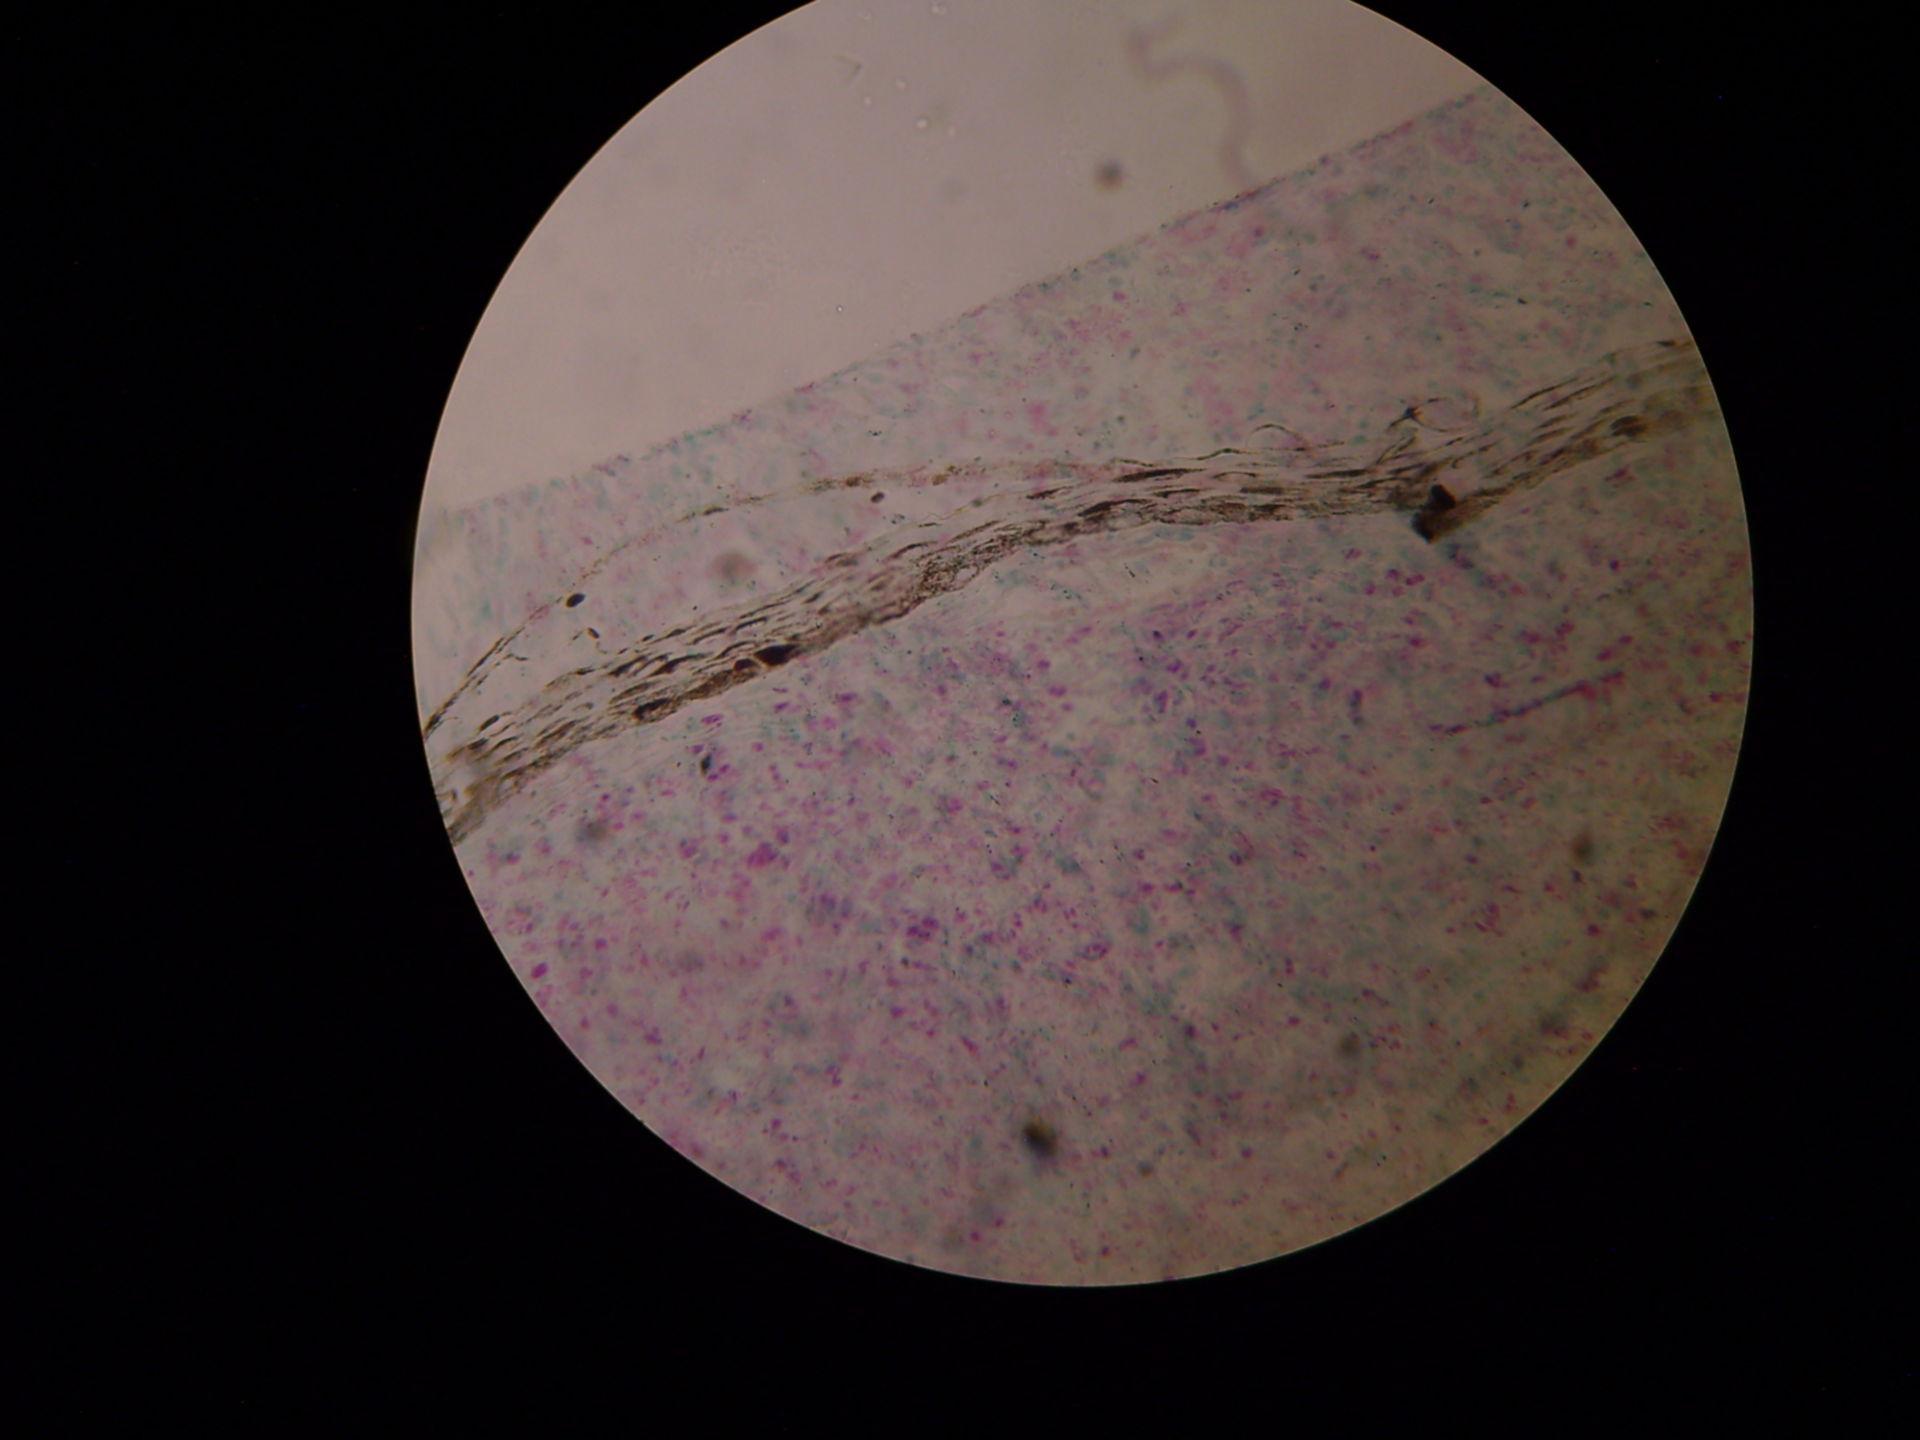 Lepromatöse Lepra Haut